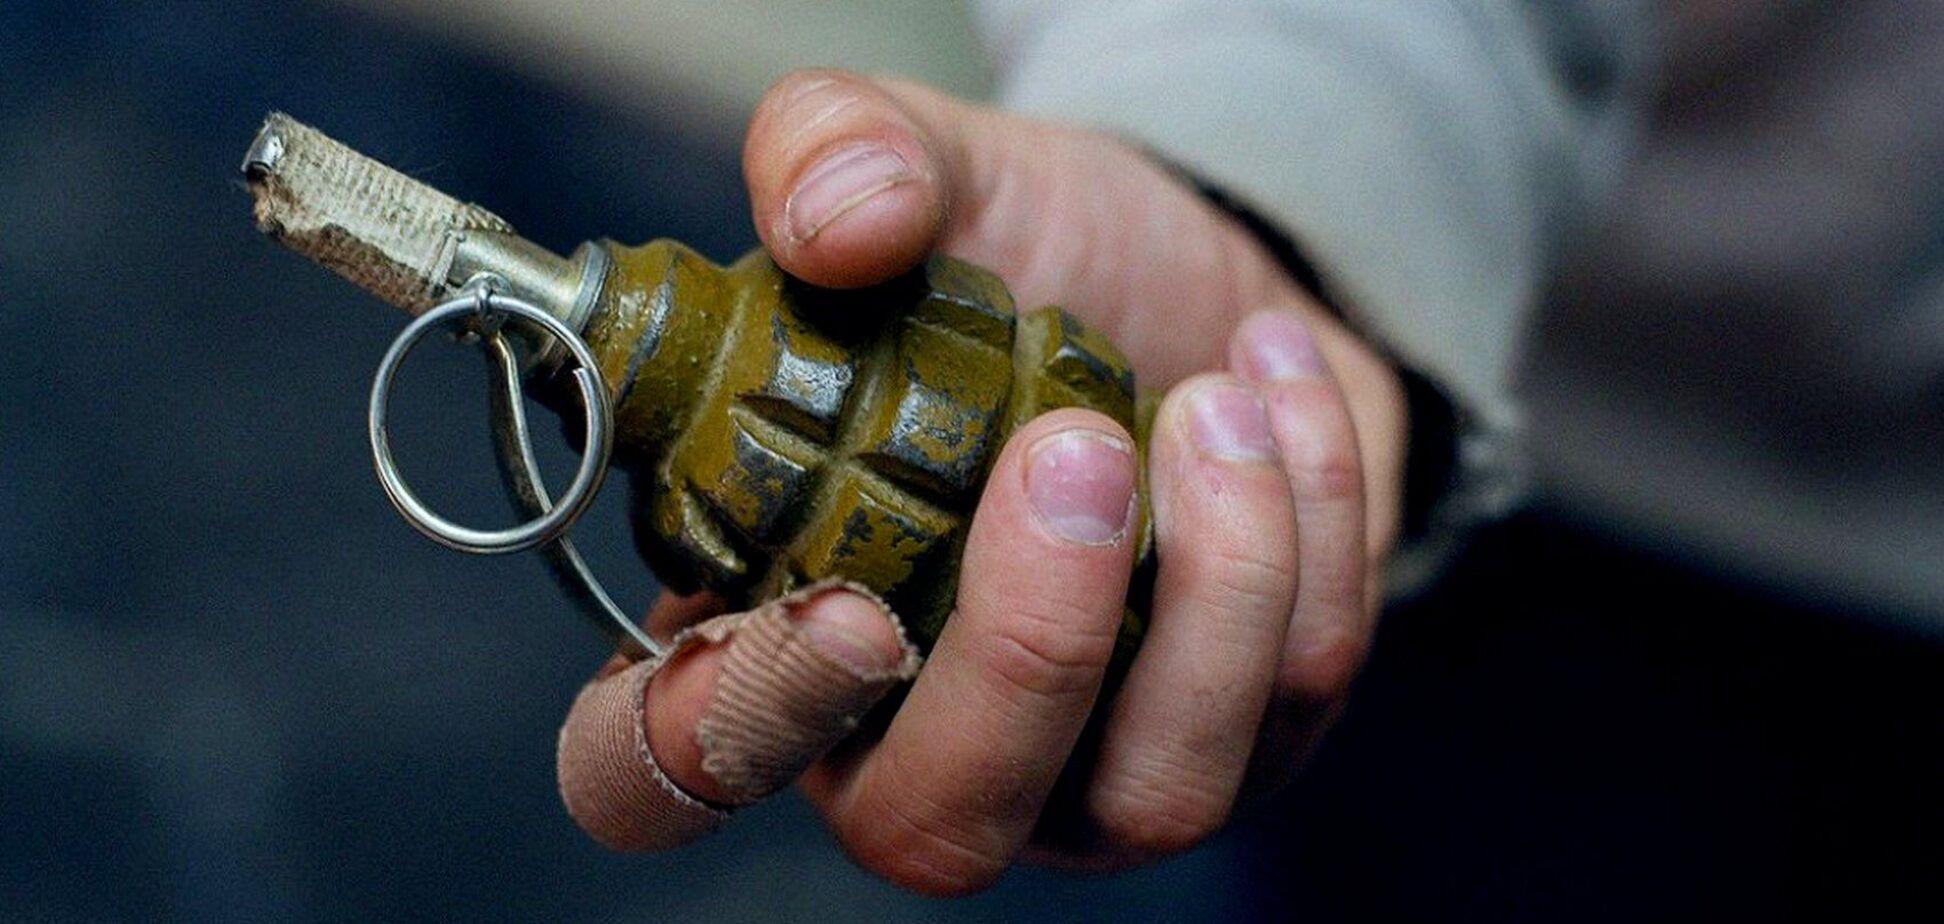 Під Запоріжжям чоловік підірвав себе гранатою: момент потрапив на відео. Фото 21+